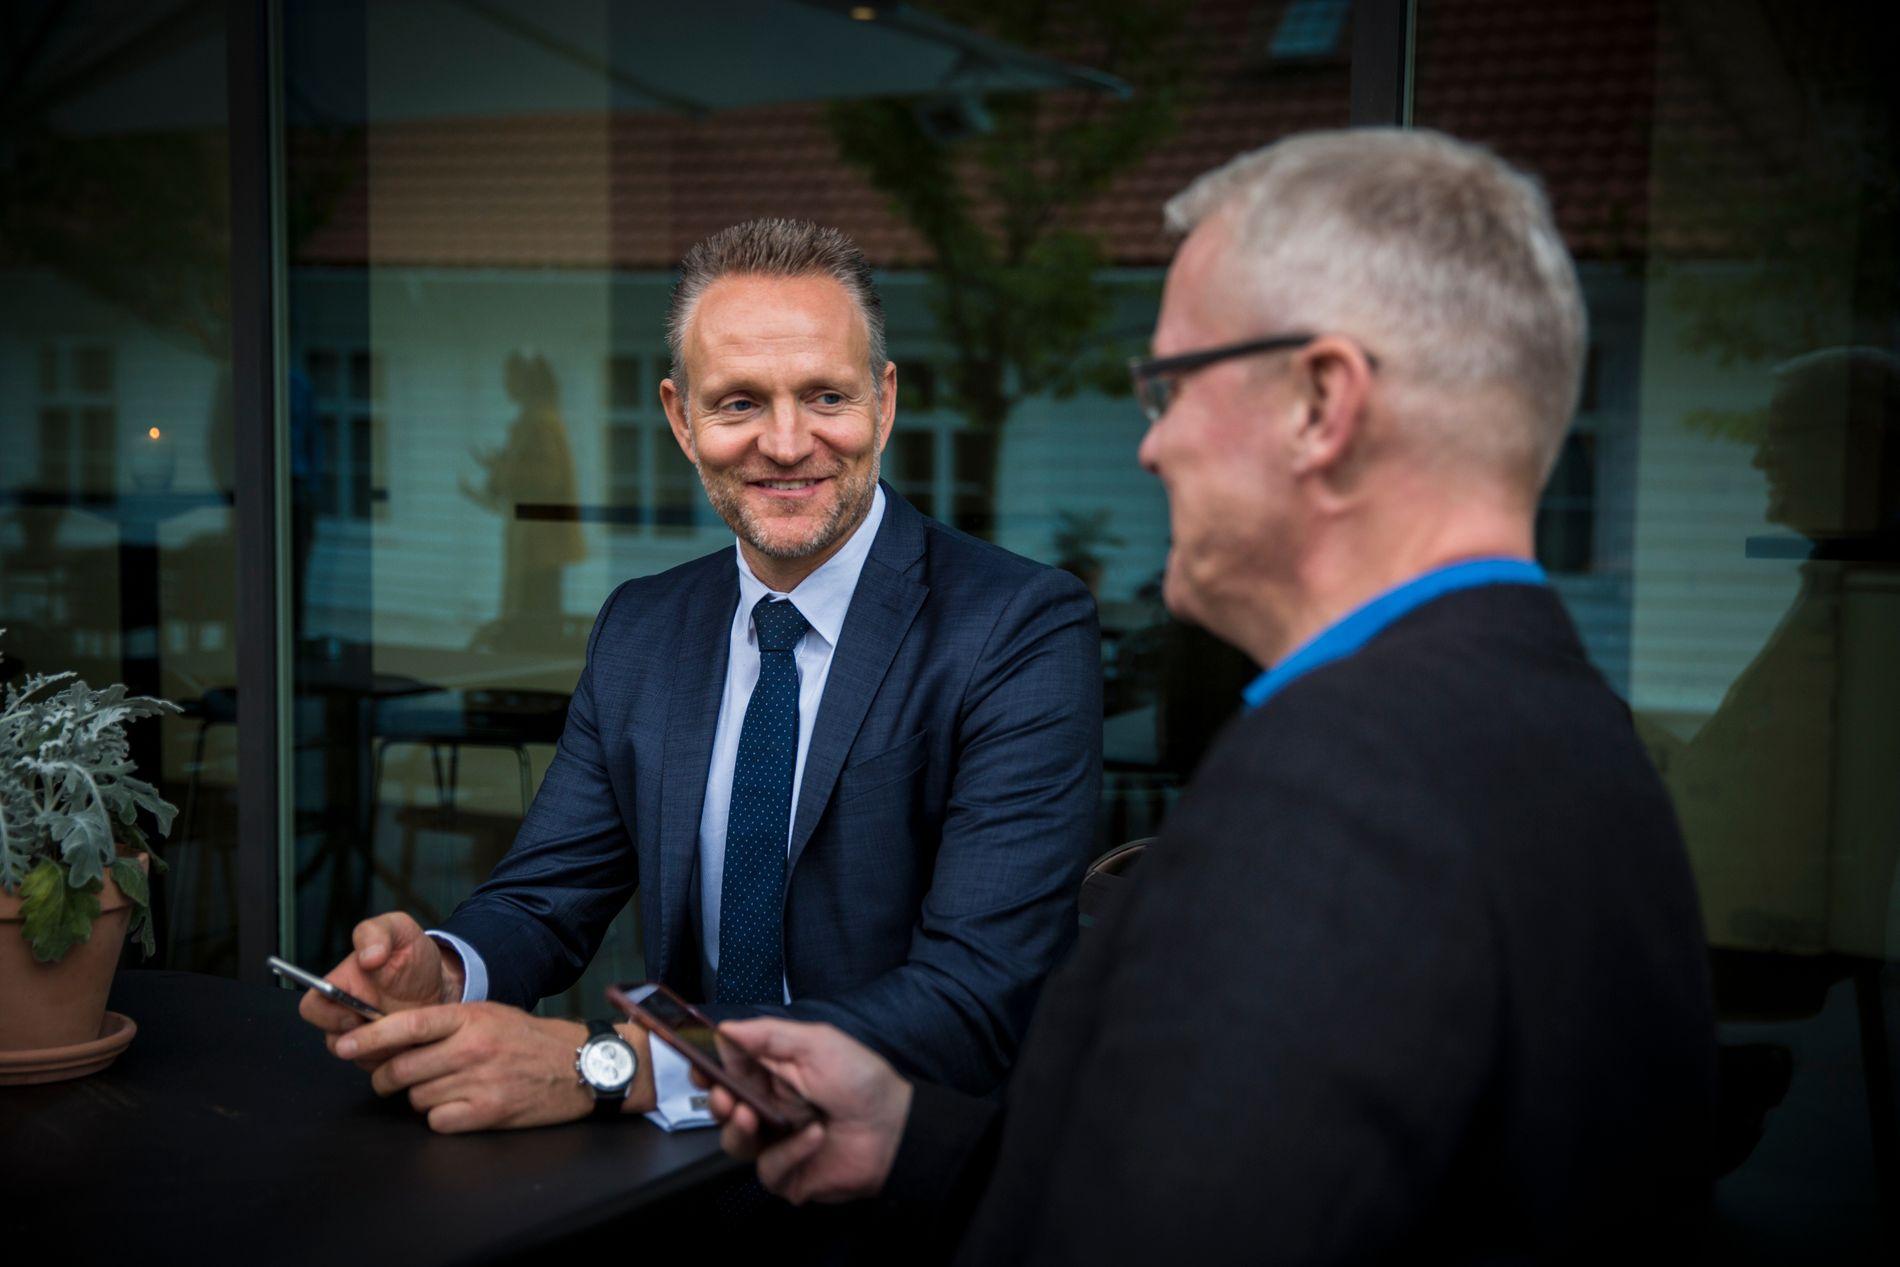 SATSER: Sparebanken Vest har lenge tenkt å lansere en ren mobilbank, men ideen til det som nå skal realiseres kom for et halvt år siden. Adm.dir. Jan Erik Kjerpeseth (til v.) sammen med mobilbankens leder Torvald Kvamme.